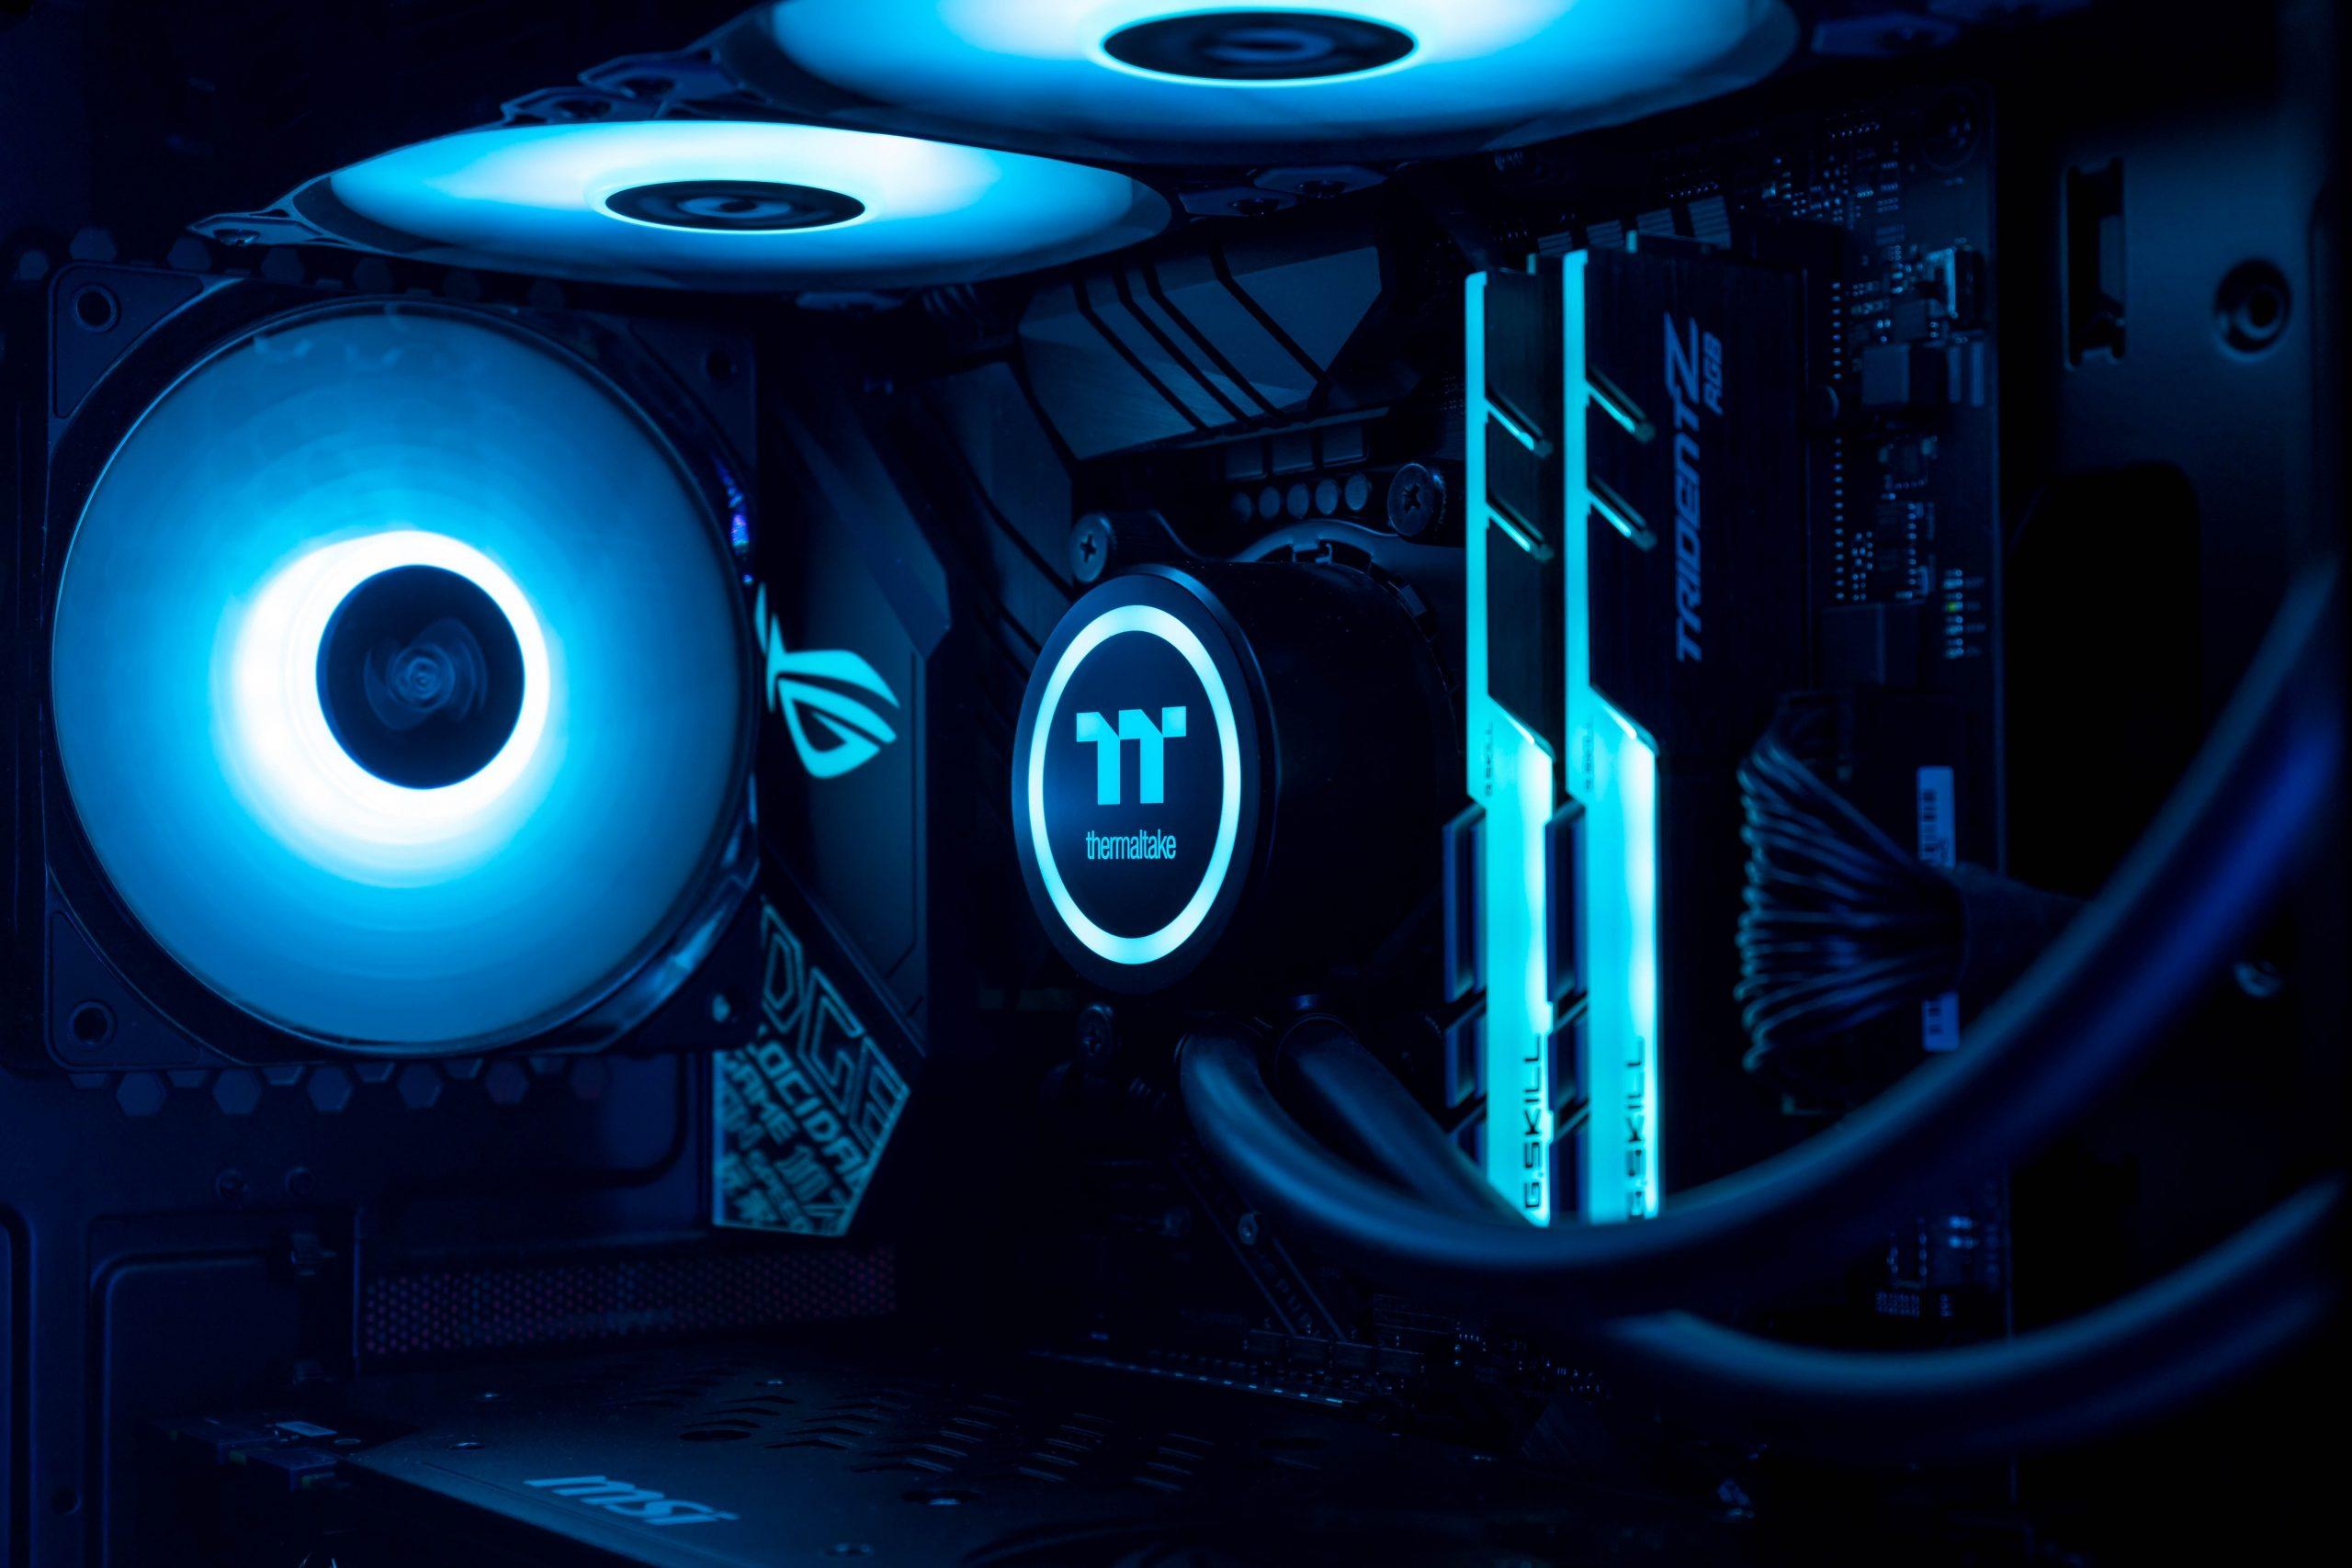 Imagem mostra um gabinete gamer iluminado em destaque.